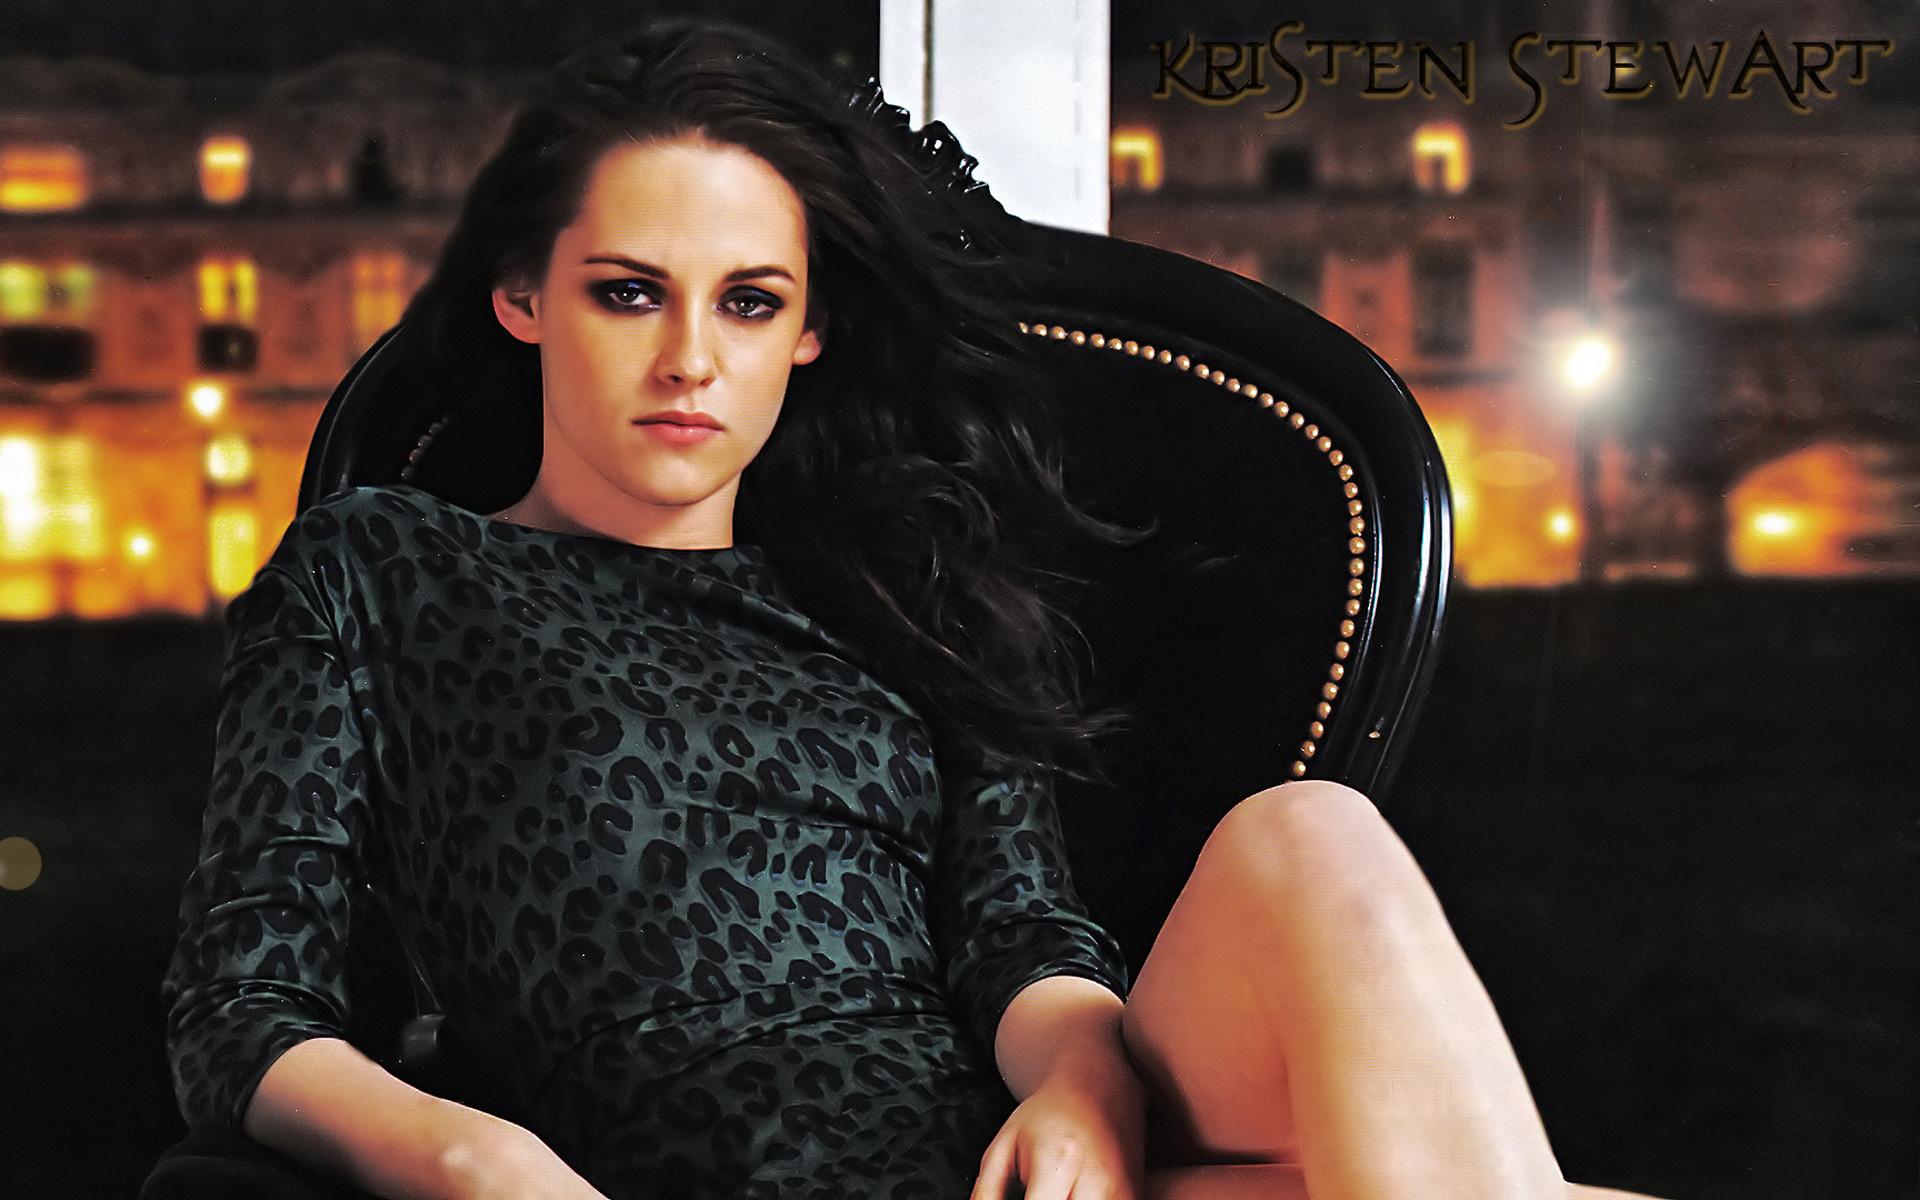 Kristen Stewart Images Kristen Stewart Hd Wallpaper And Background